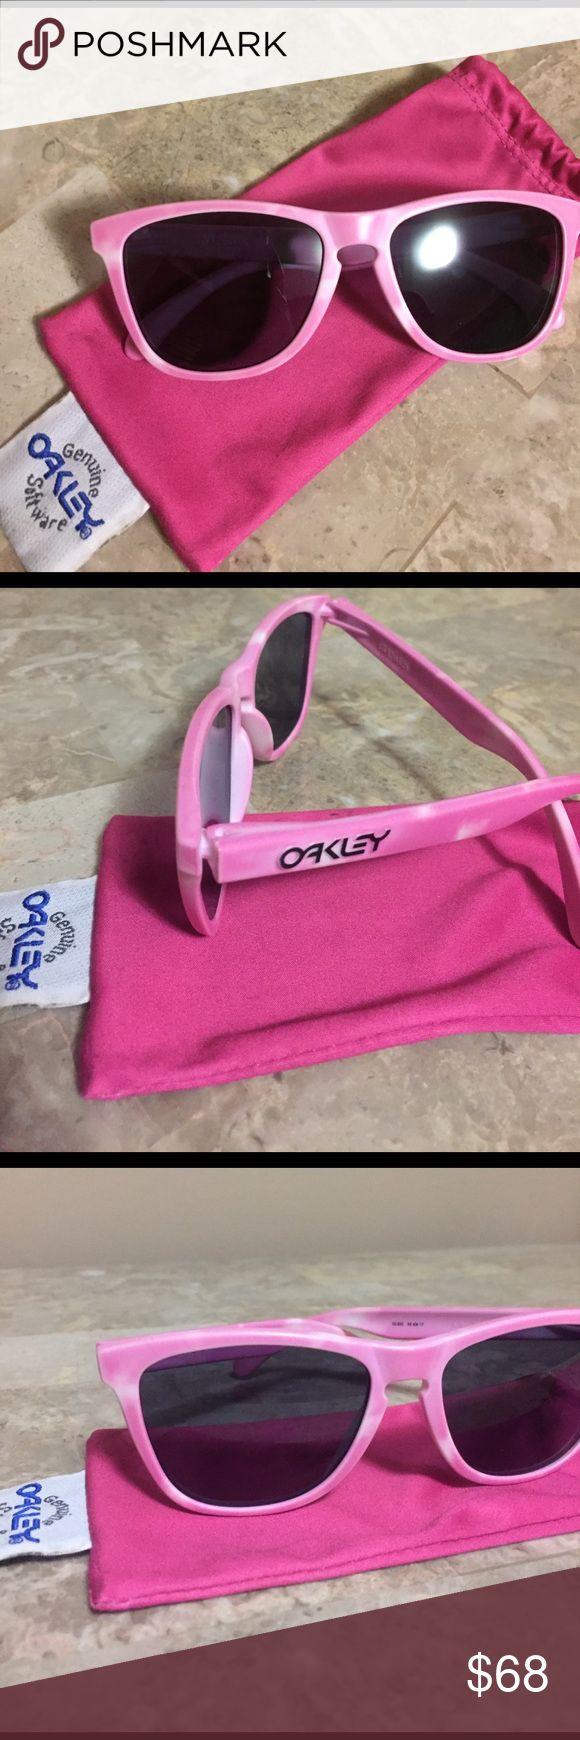 PiNK Oakley Frogskin sunglasses PiNK Oakley Frogskin sunglasses Oakley Other